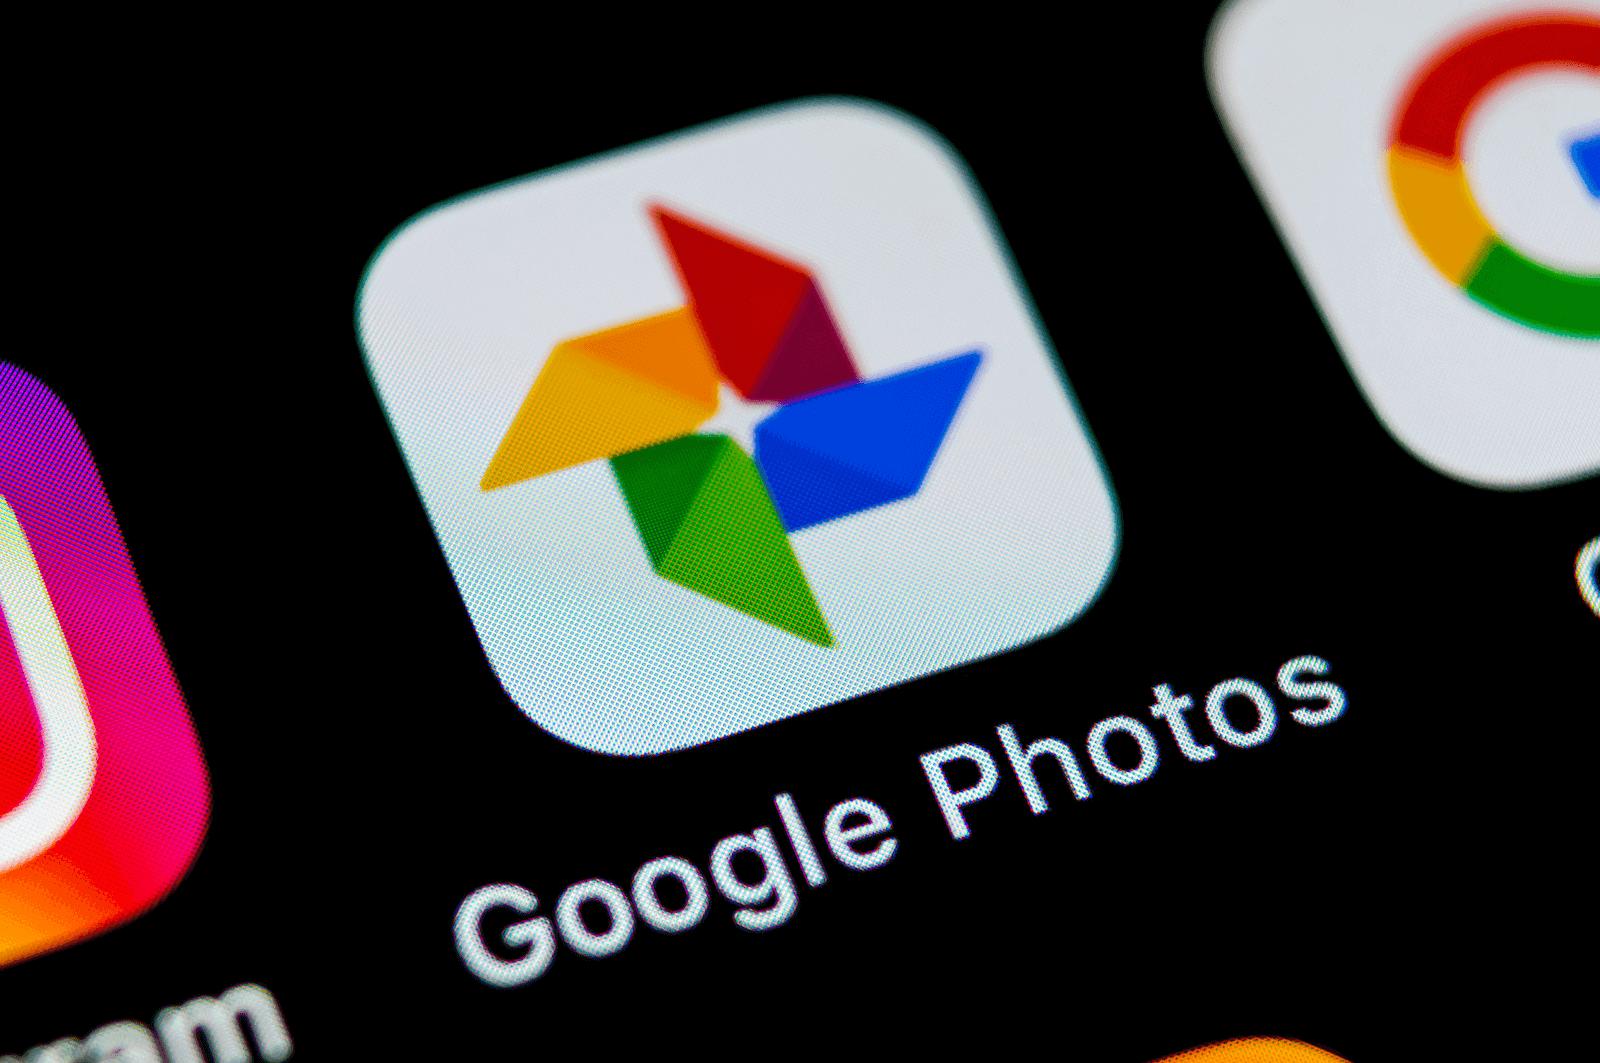 Эти функции перестанут быть эксклюзивными для Google Pixel